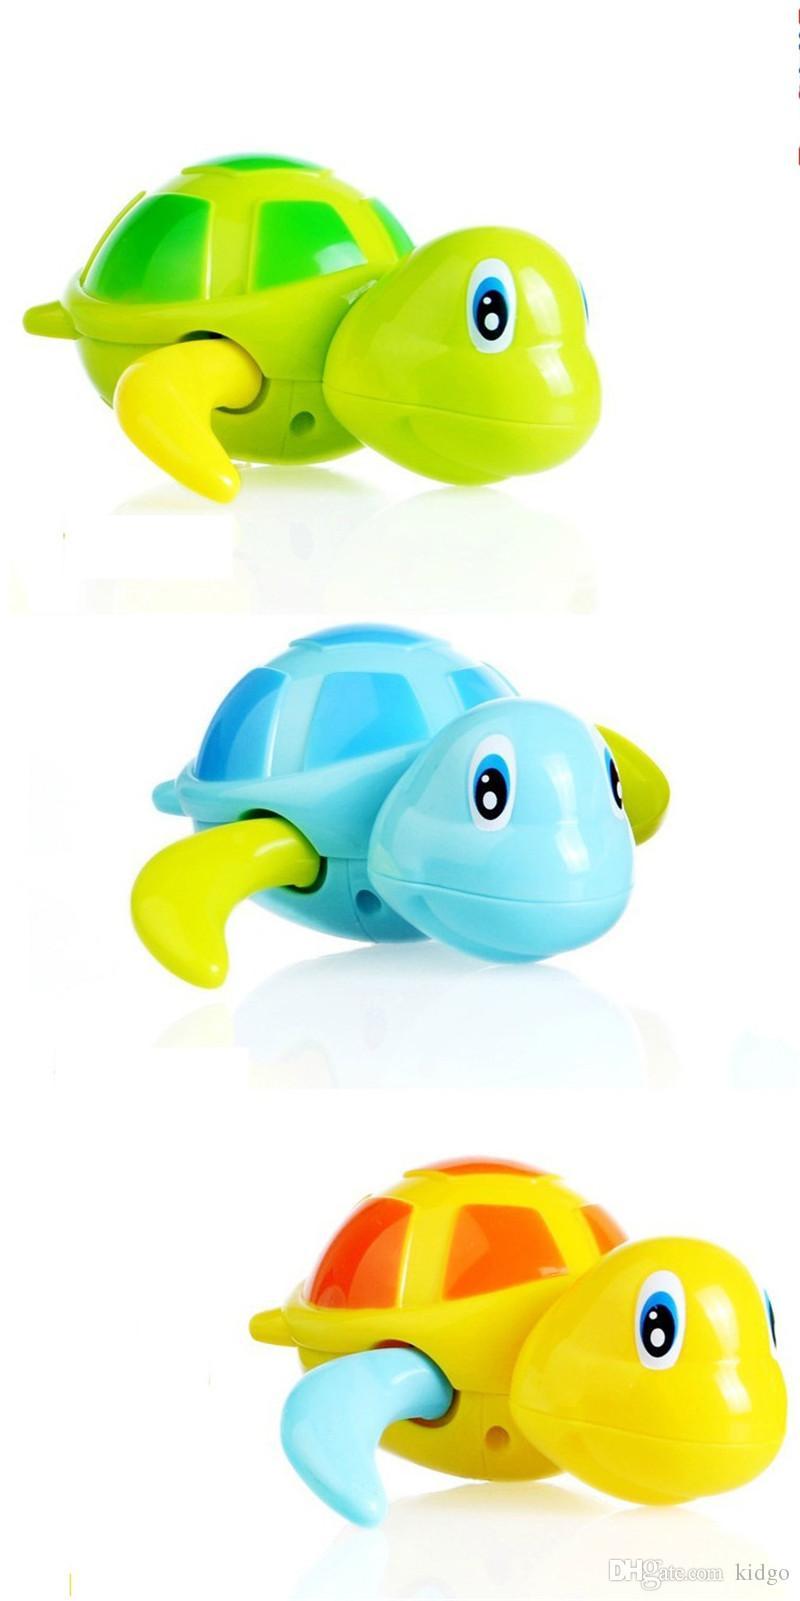 Acquazzone bambino giocattolo acquazzone del all'ingrosso per del di NPwkX8n0O